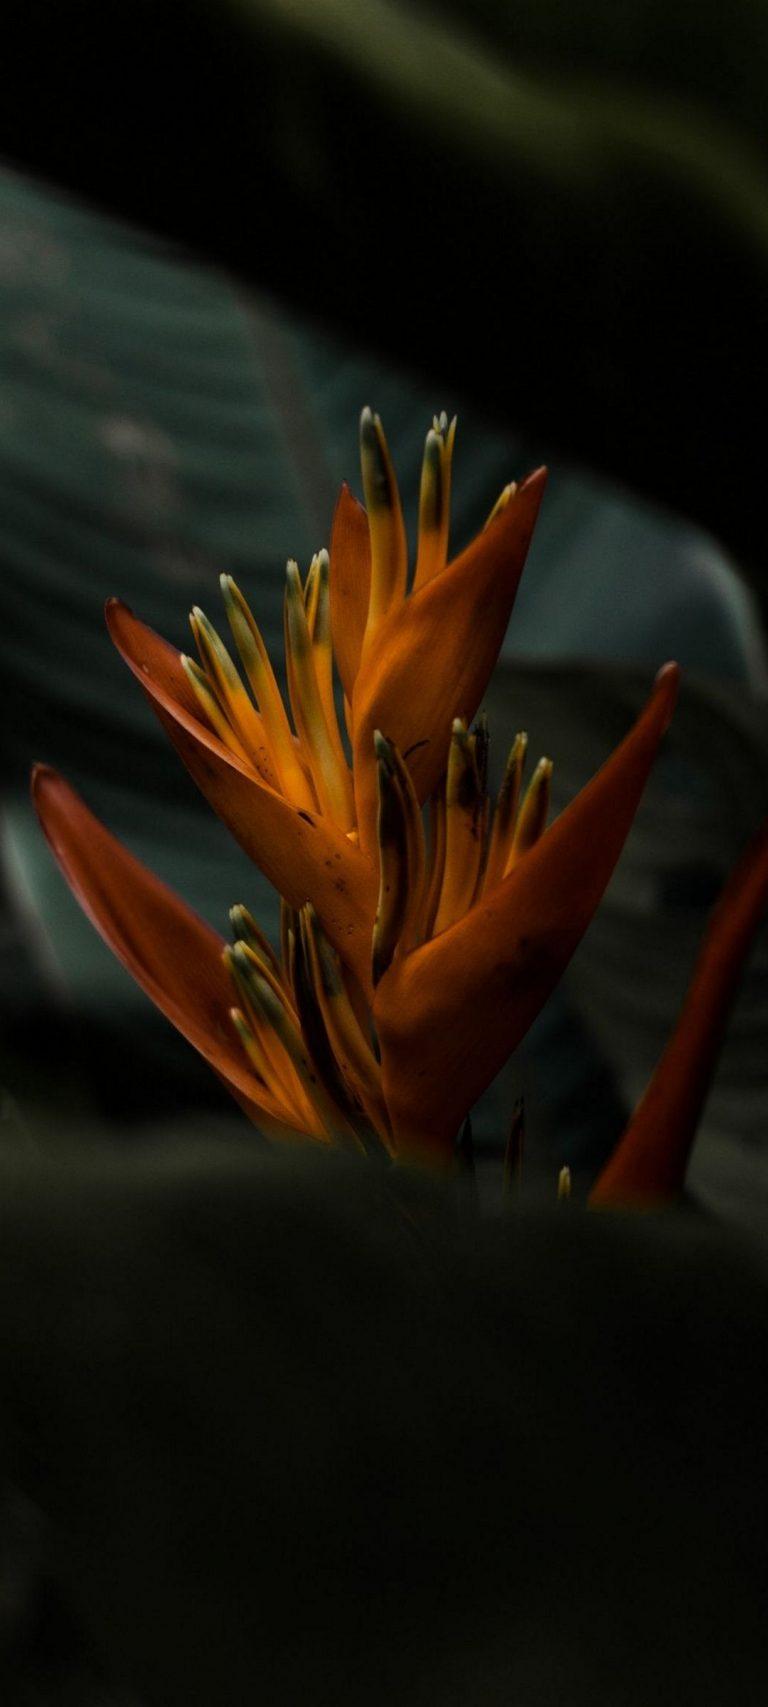 Heliconia Flower 1080x2400 768x1707